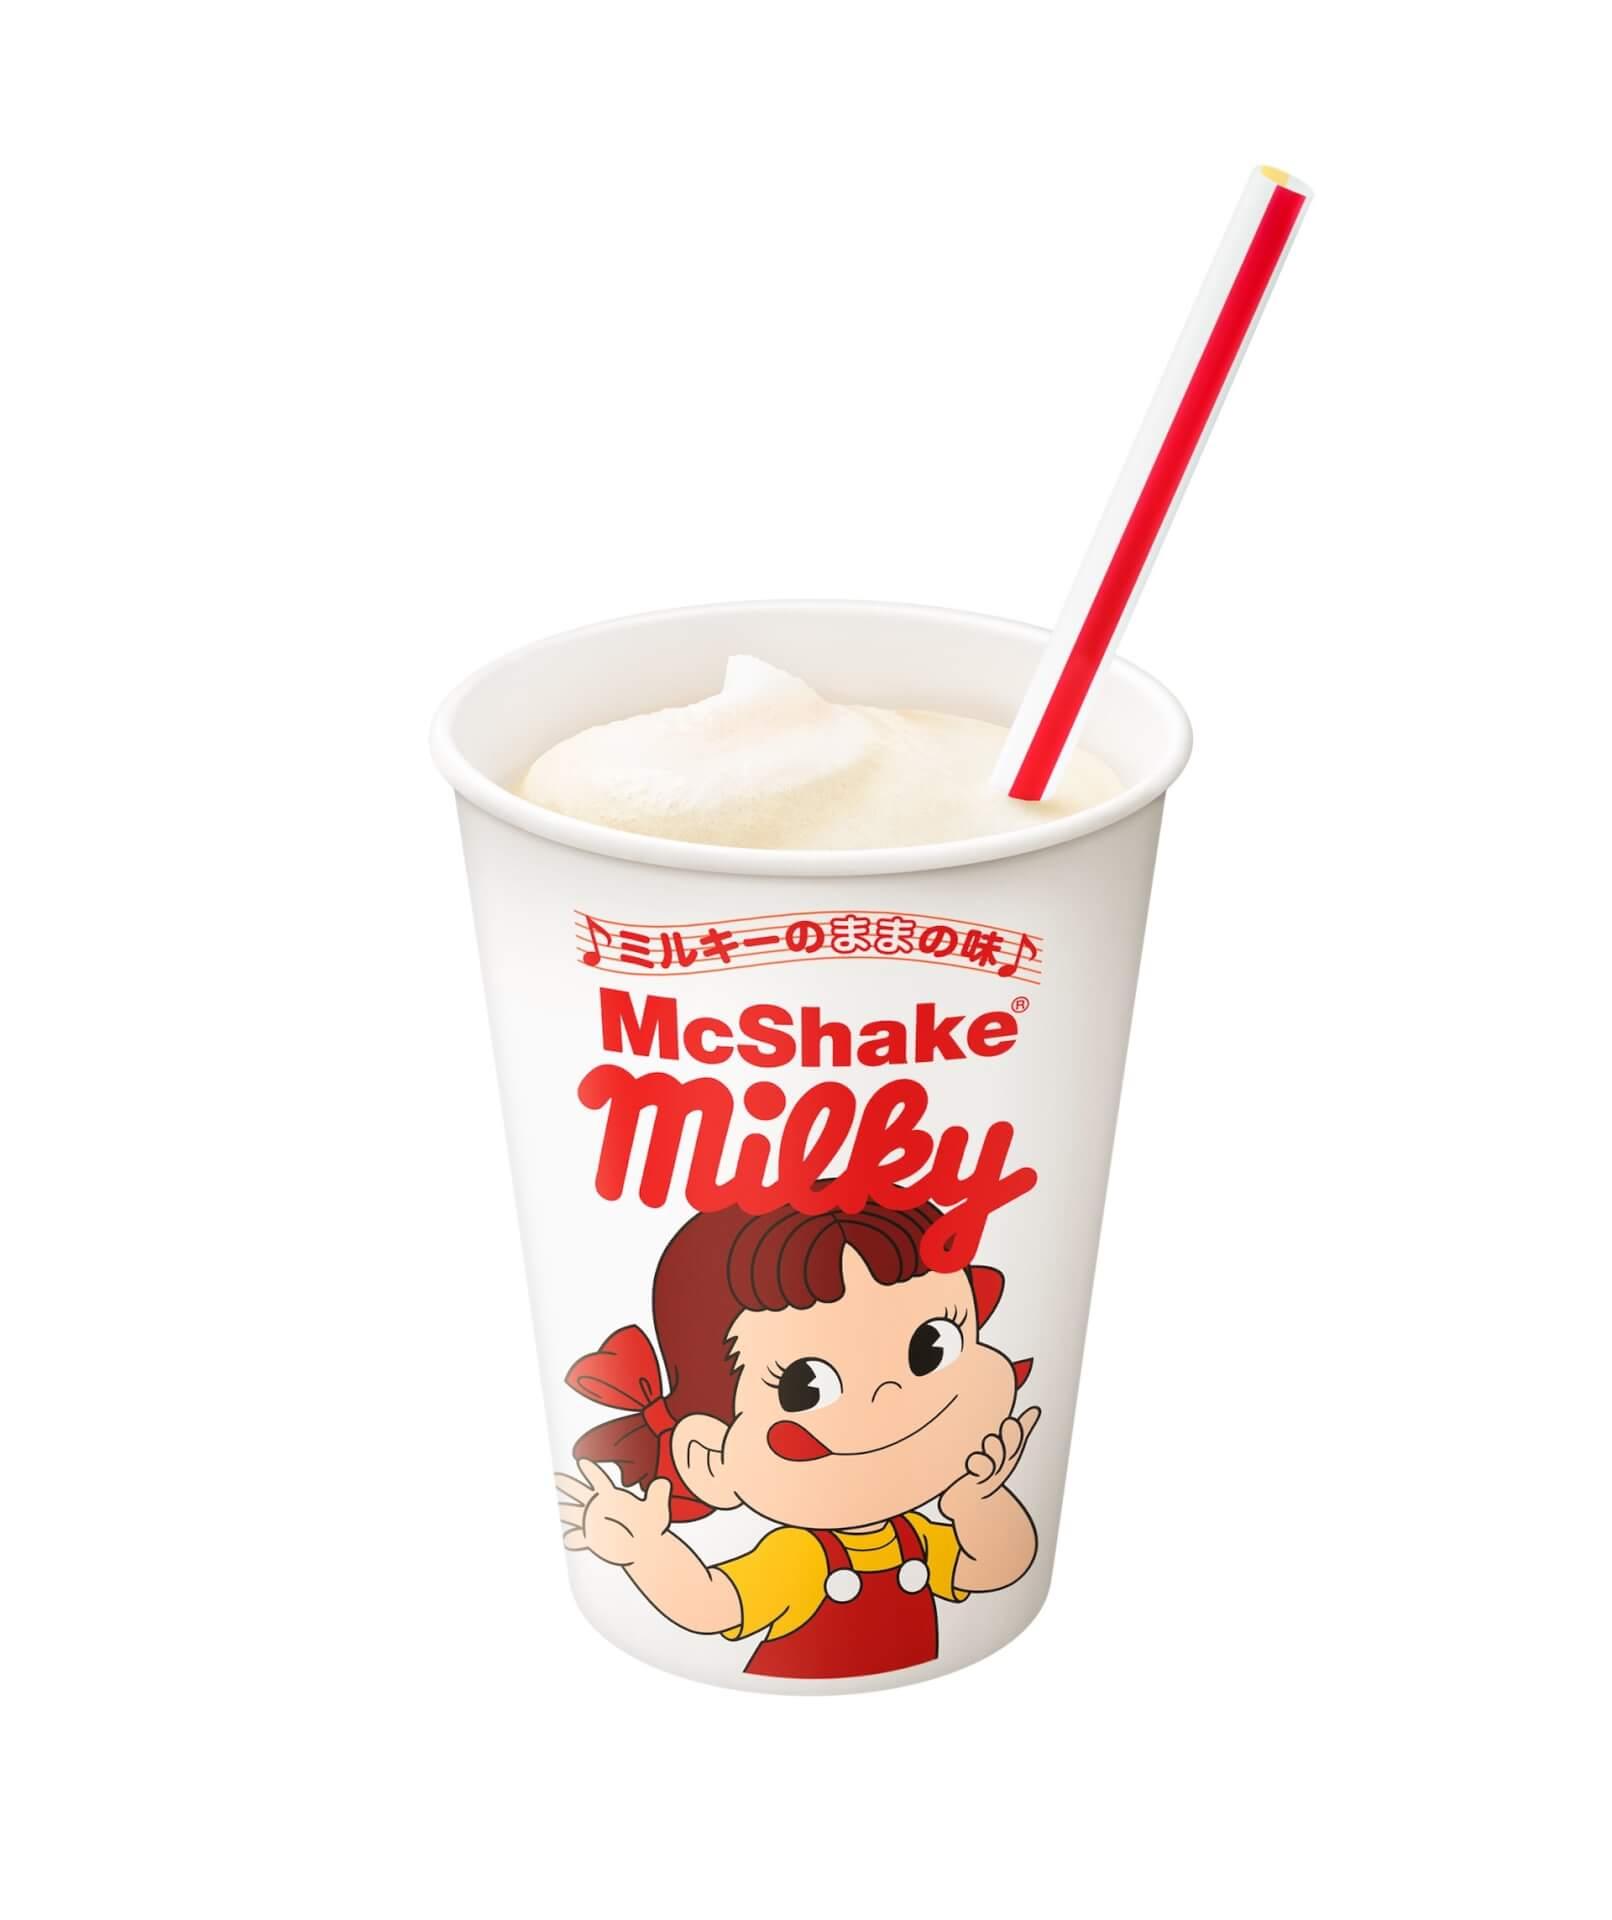 ミルキーの味のままのマックシェイクがマクドナルドから登場!「ワッフルコーン いちごミルキーのままの味」も期間限定で発売 gourmet210414_mcdonald_shake_4